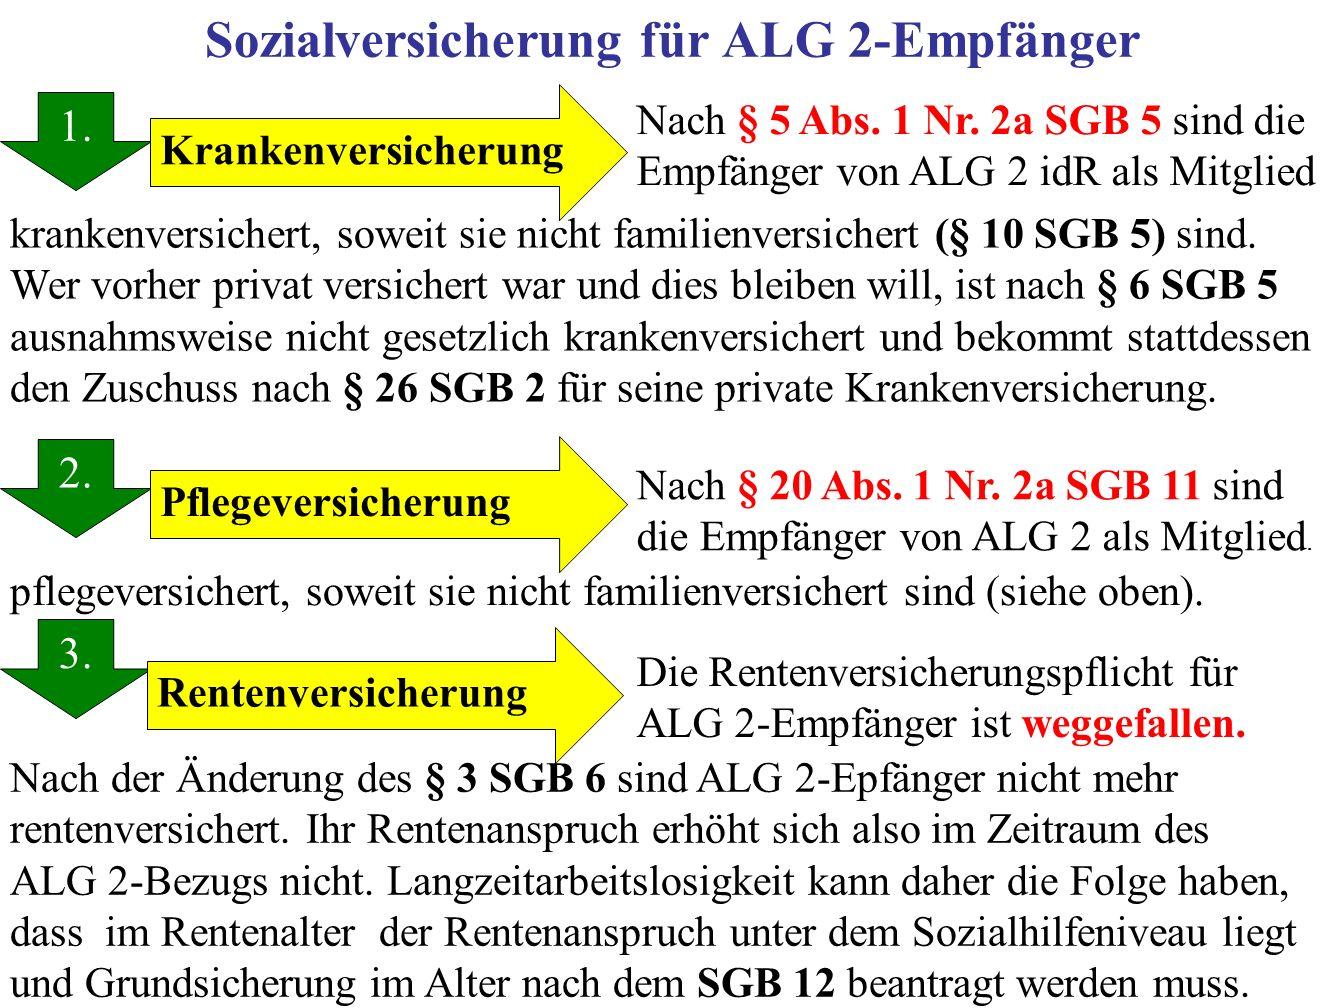 Sozialversicherung für ALG 2-Empfänger